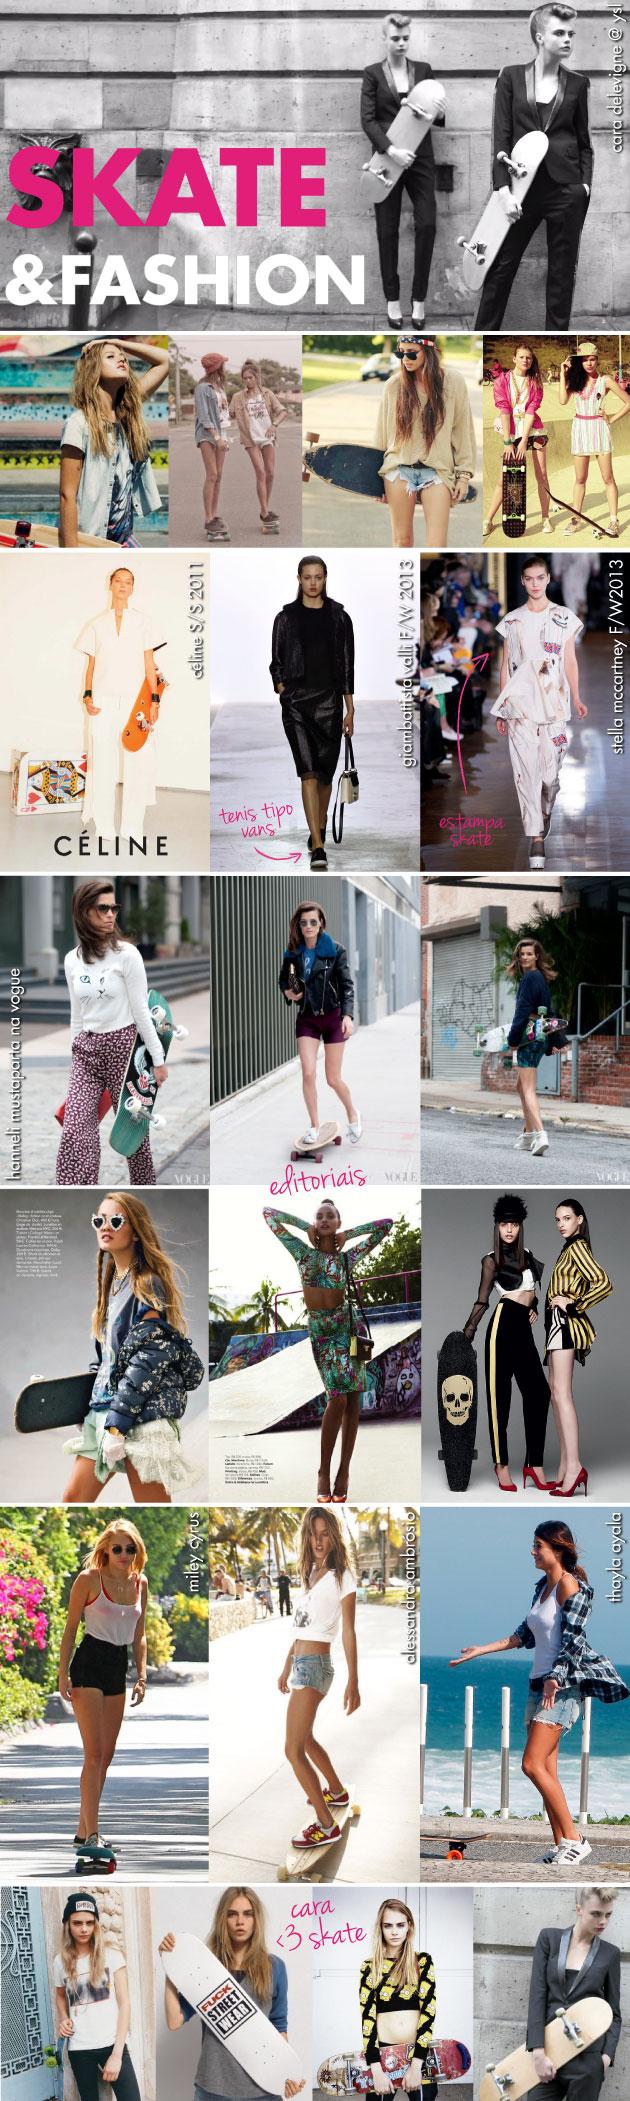 tendencia-skate-na-moda-trend-skateboard-editorial-miley- 81b91a925df